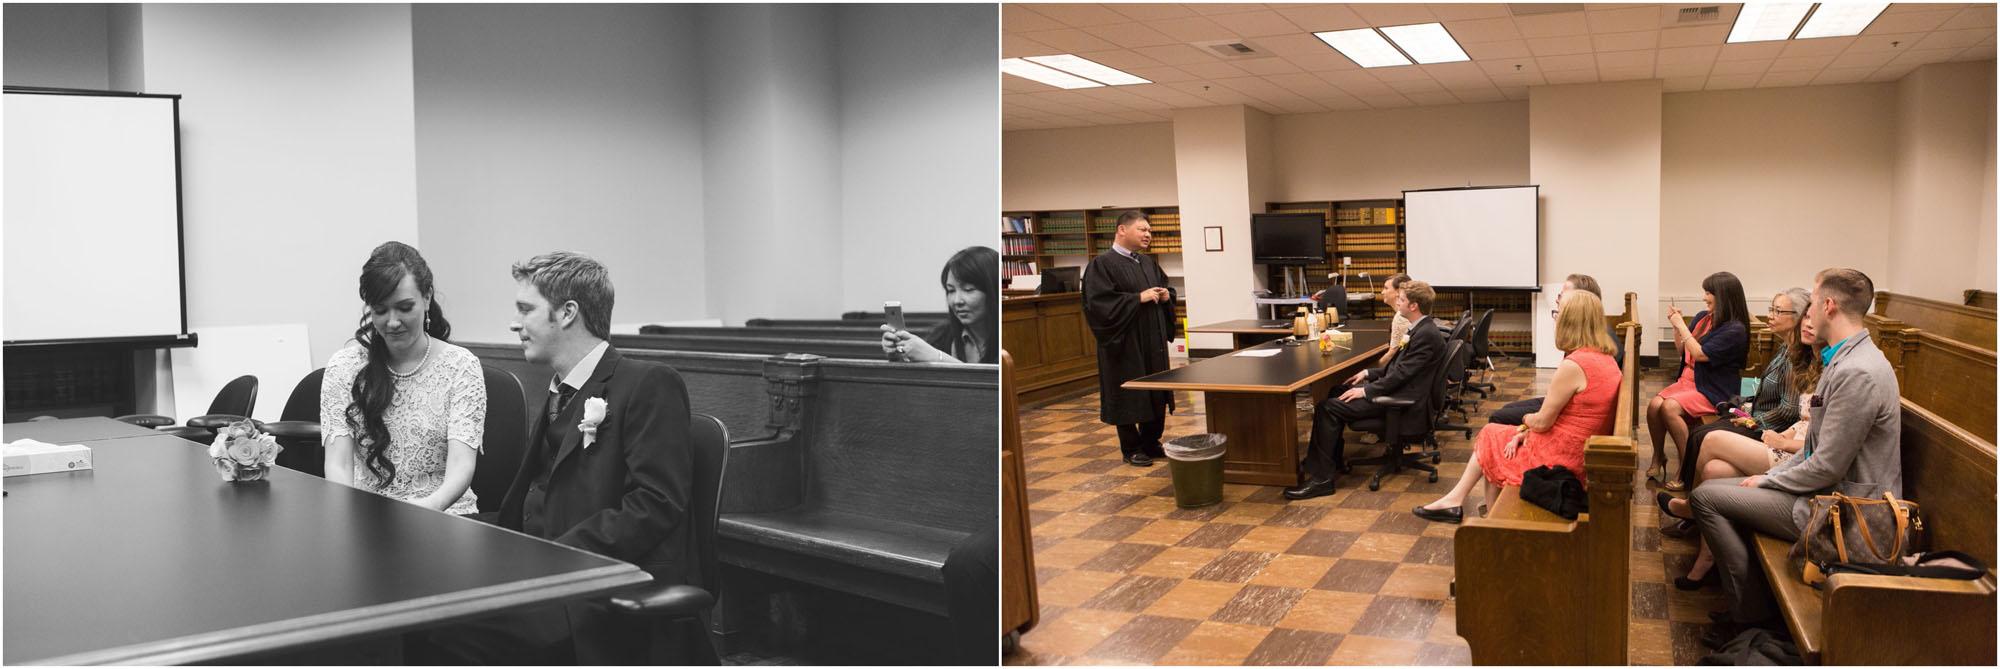 ashley vos photography seattle area wedding photographer courthouse wedding court house wedding seattle washington_0001.jpg